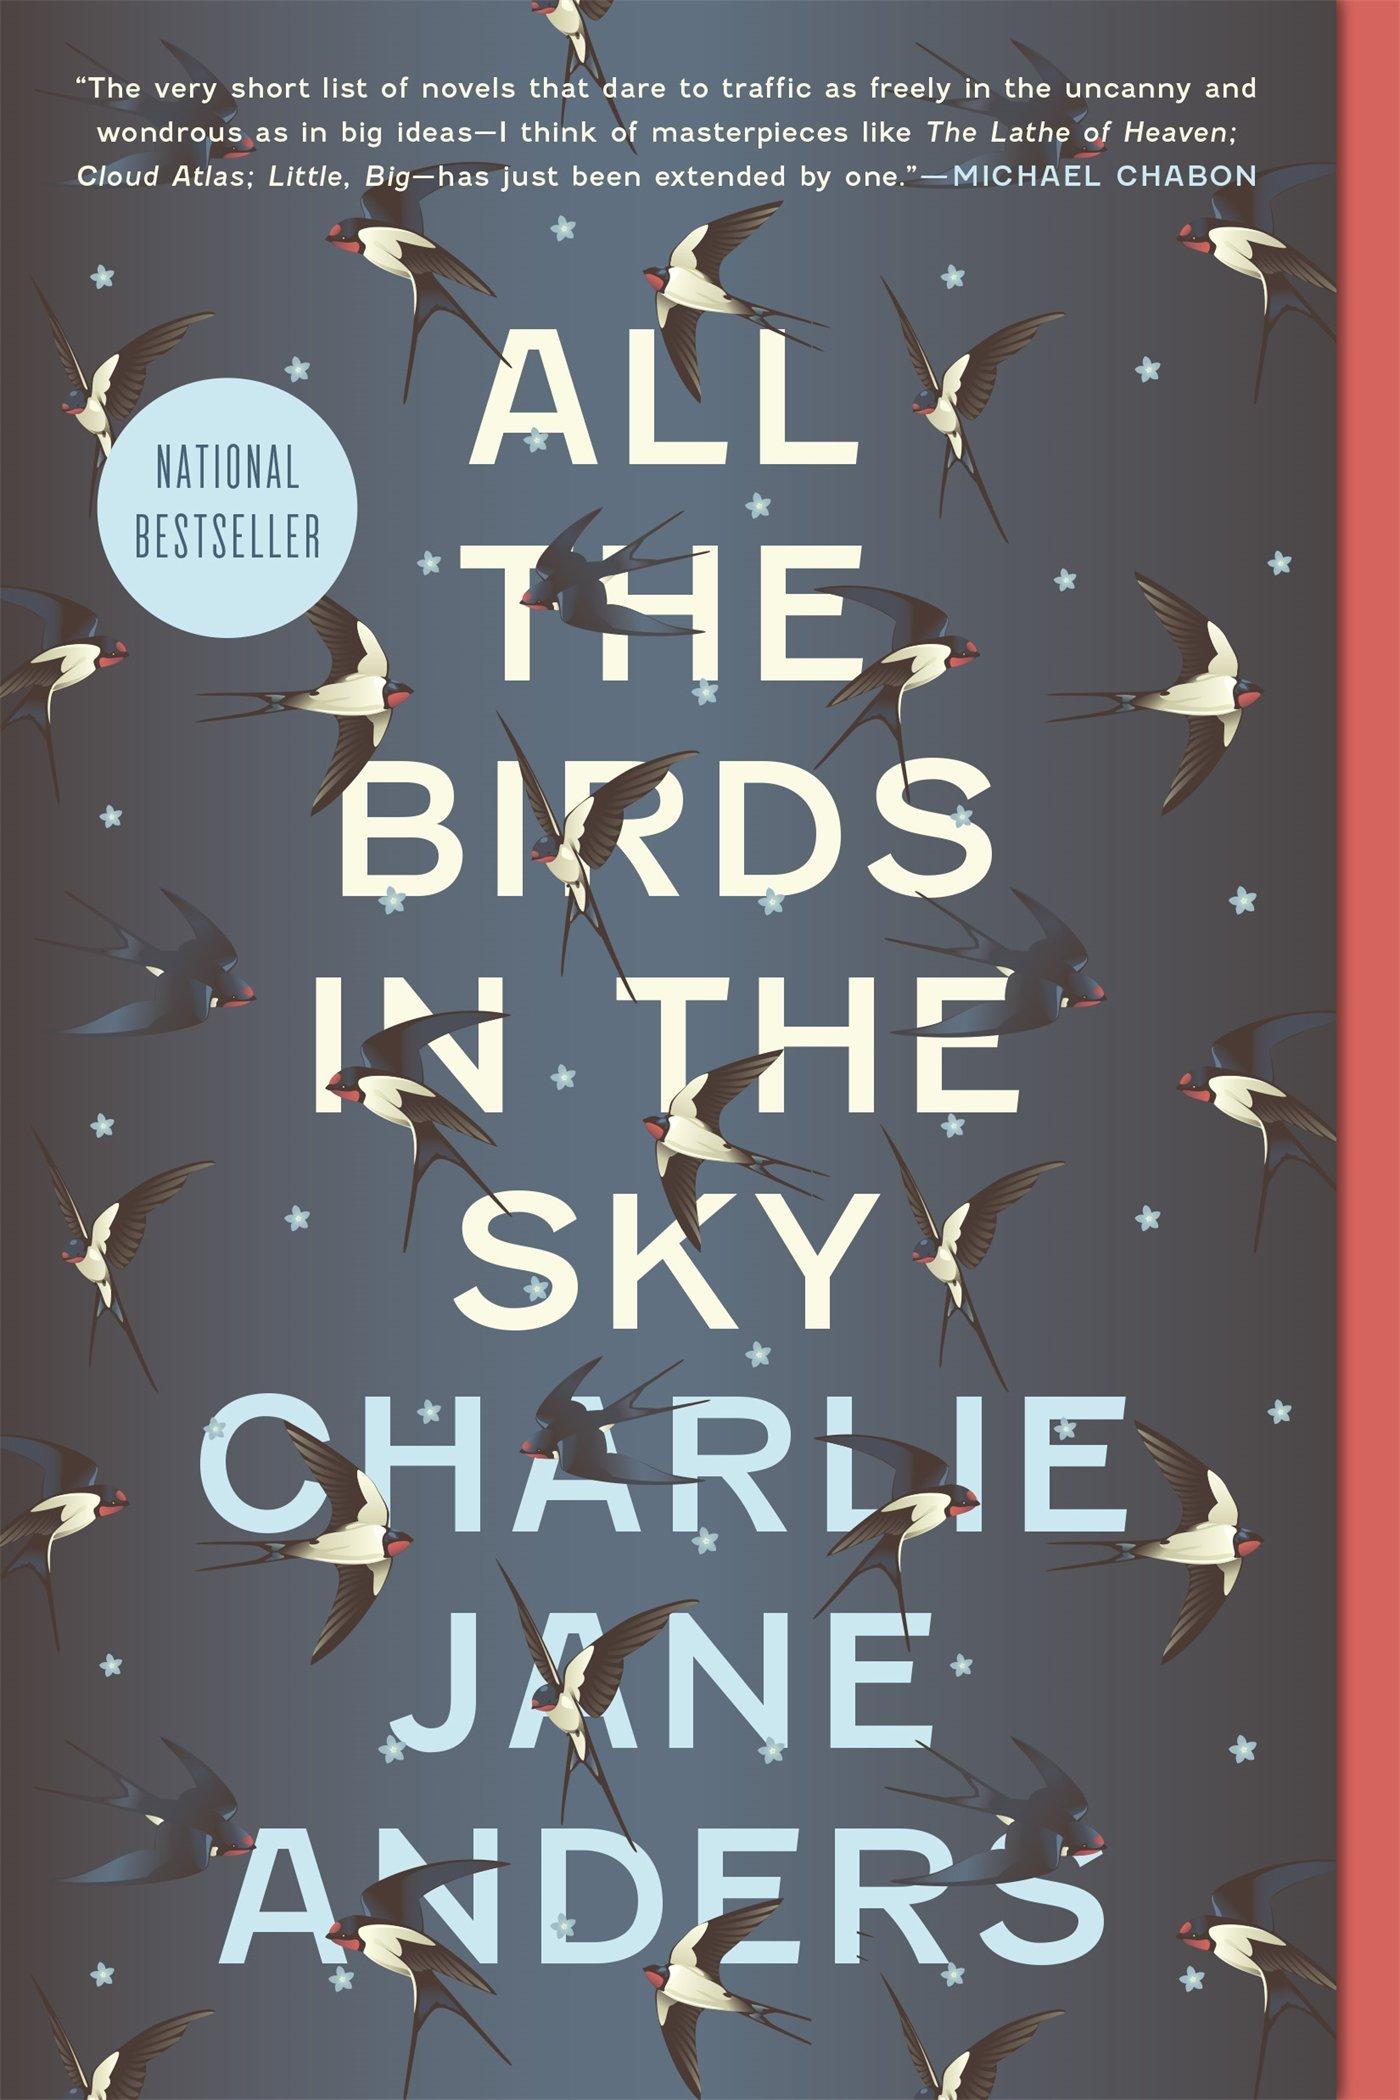 地球の滅亡で争う科学信仰と自然信仰のロメオとジュリエット 『All the Birds in the Sky』